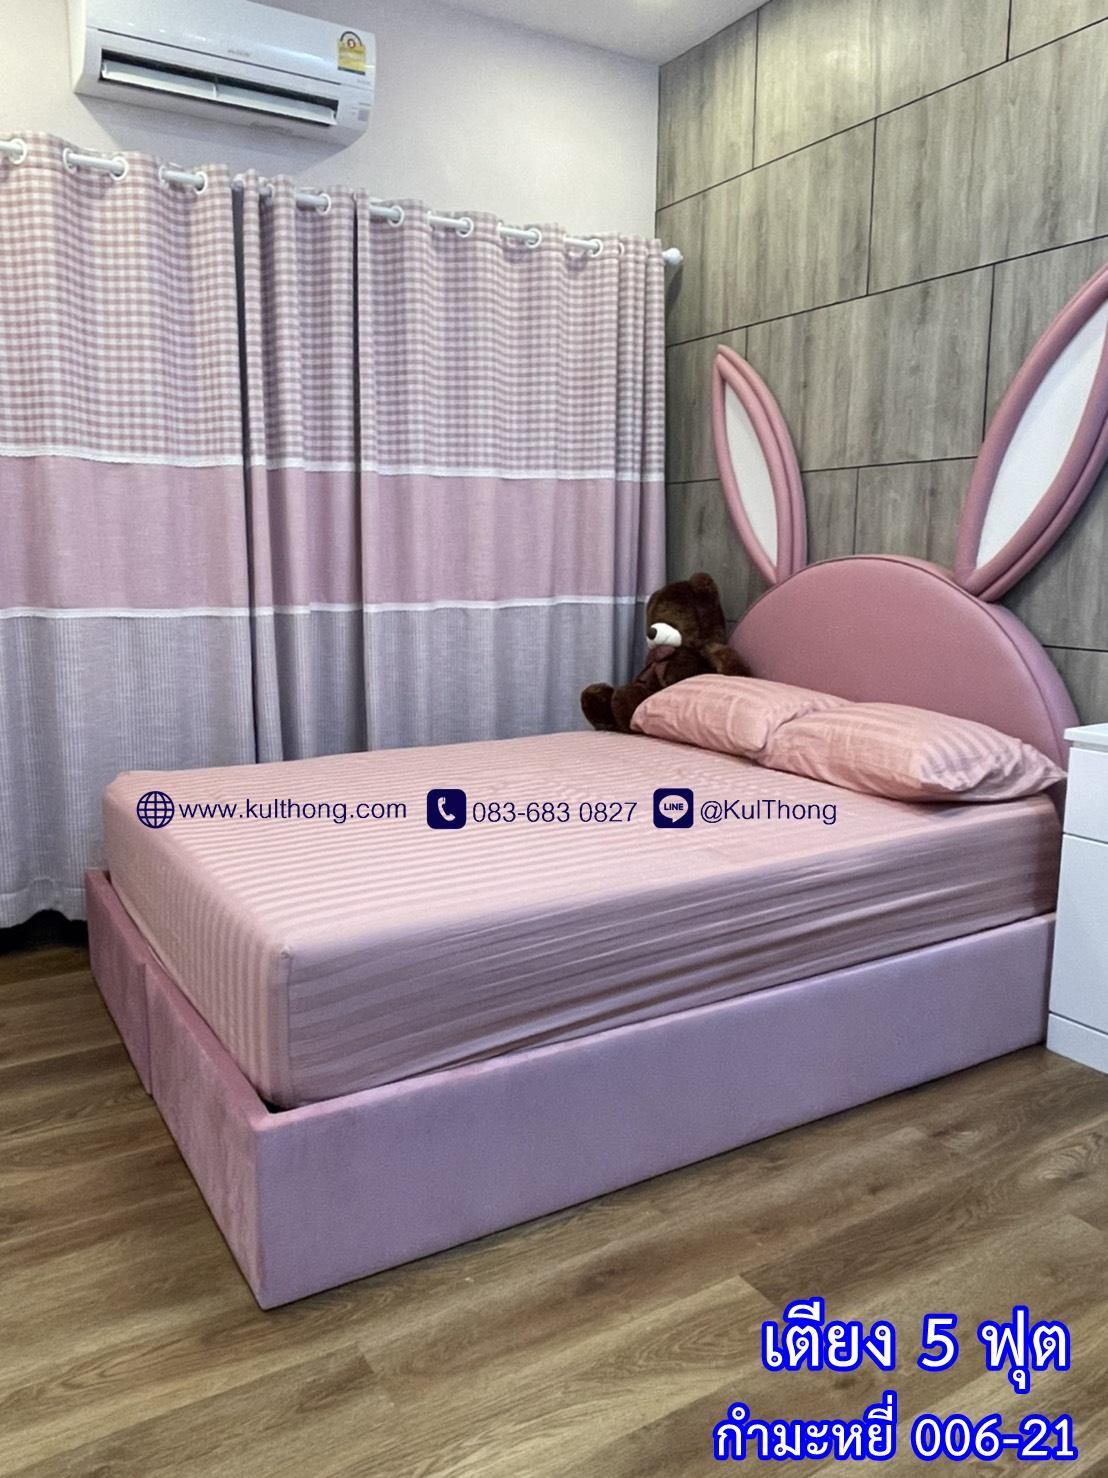 เตียงกำมะหยี่ ฐานรองที่นอน เตียงหุ้มหนัง ฐานเตียงนอน